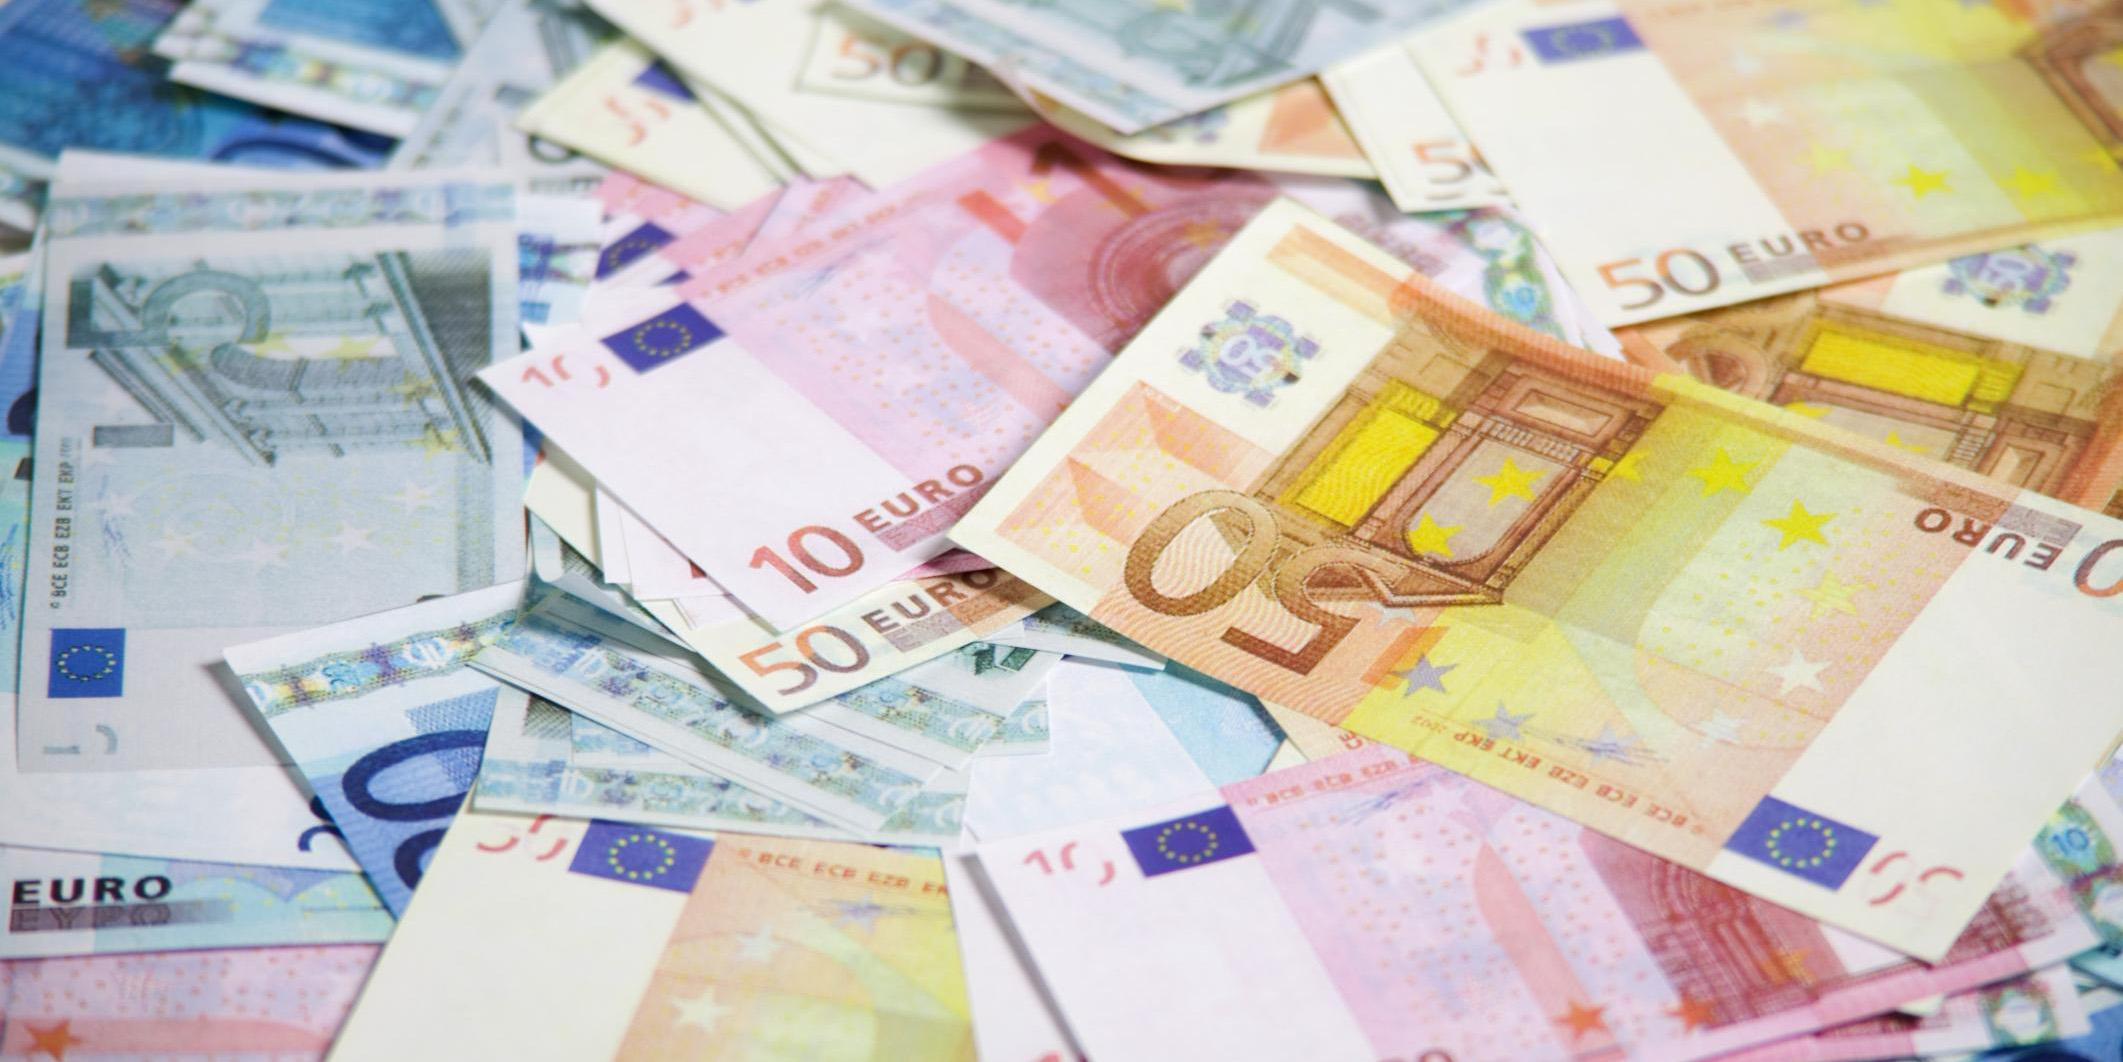 واکنش تجار به تصمیم ارزی دولت/ بهار دلارهای رانتی خزان میشود؟